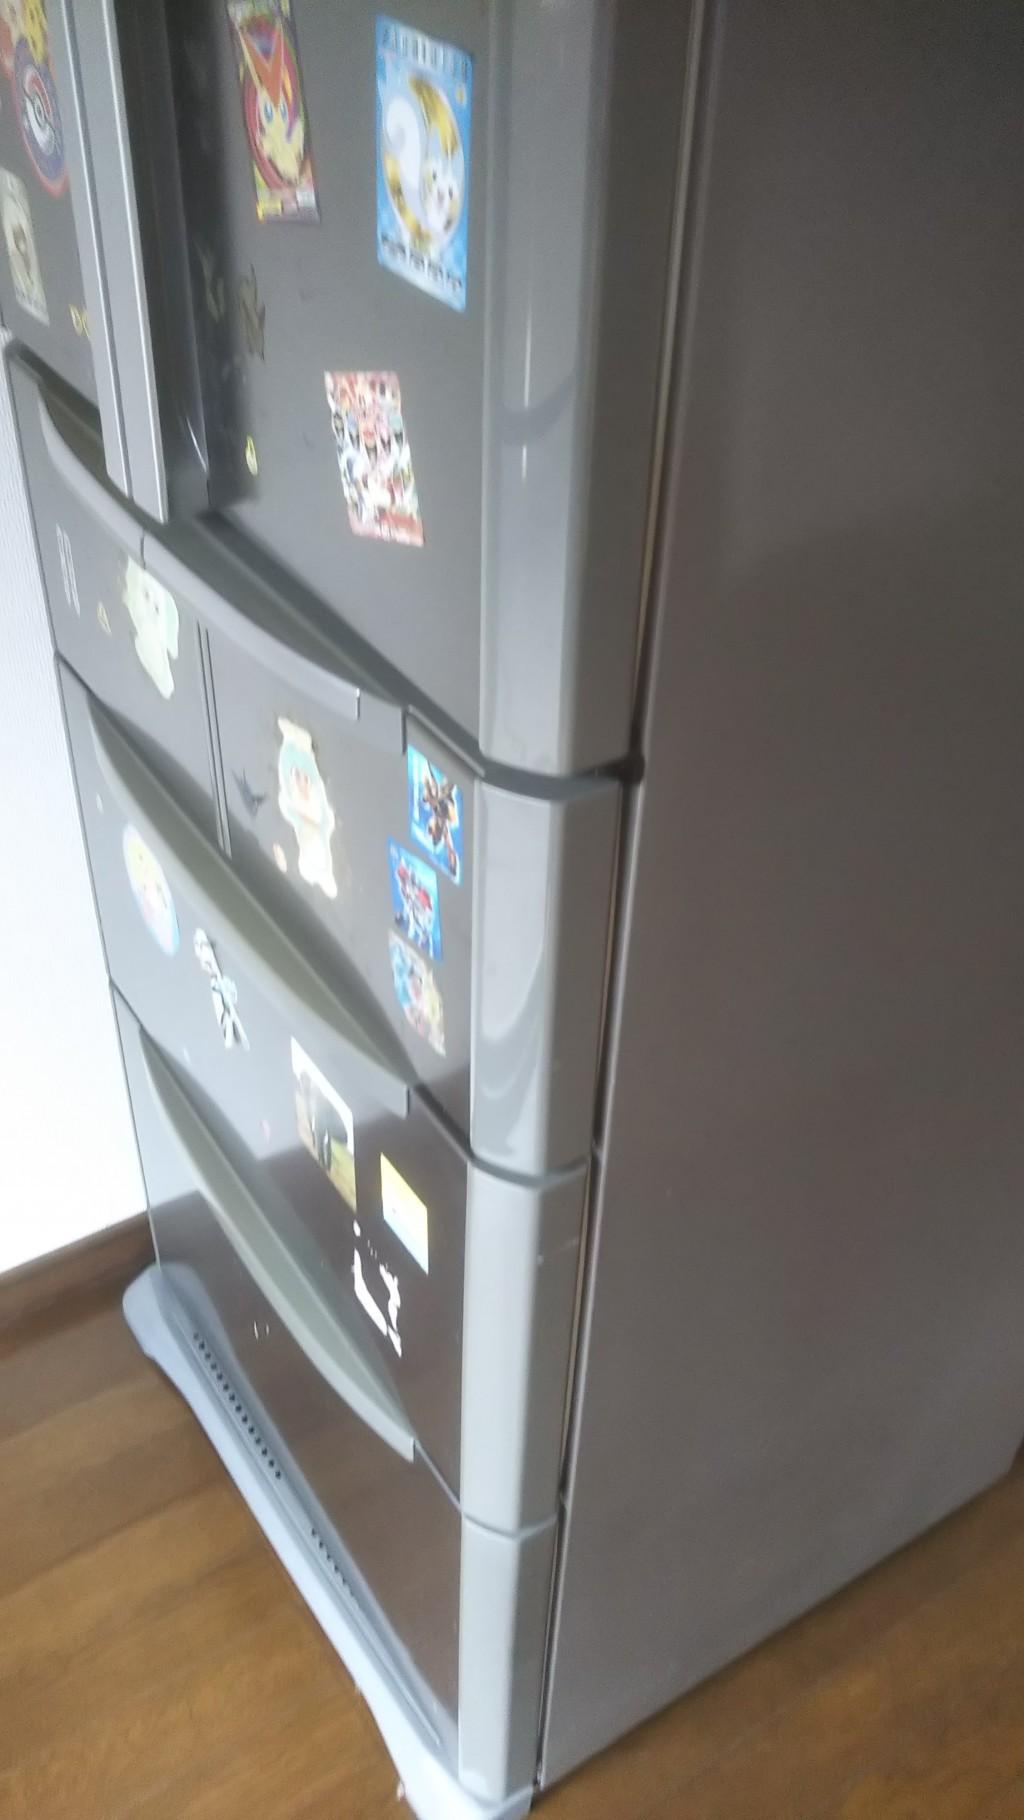 【松江市】冷蔵庫と洗濯機の回収・処分のご依頼 お客様の声